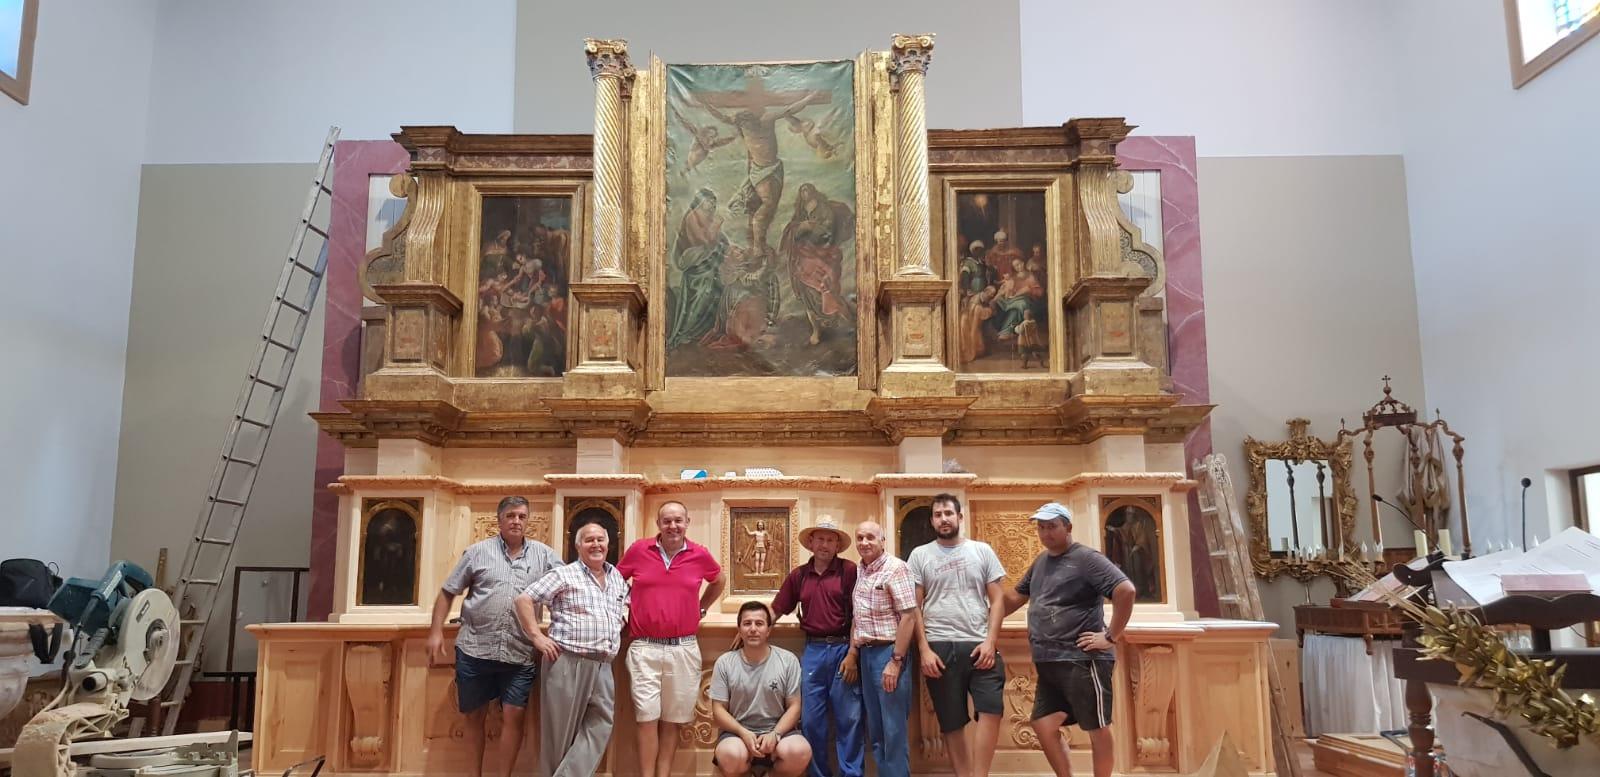 Retablo iglesia grande